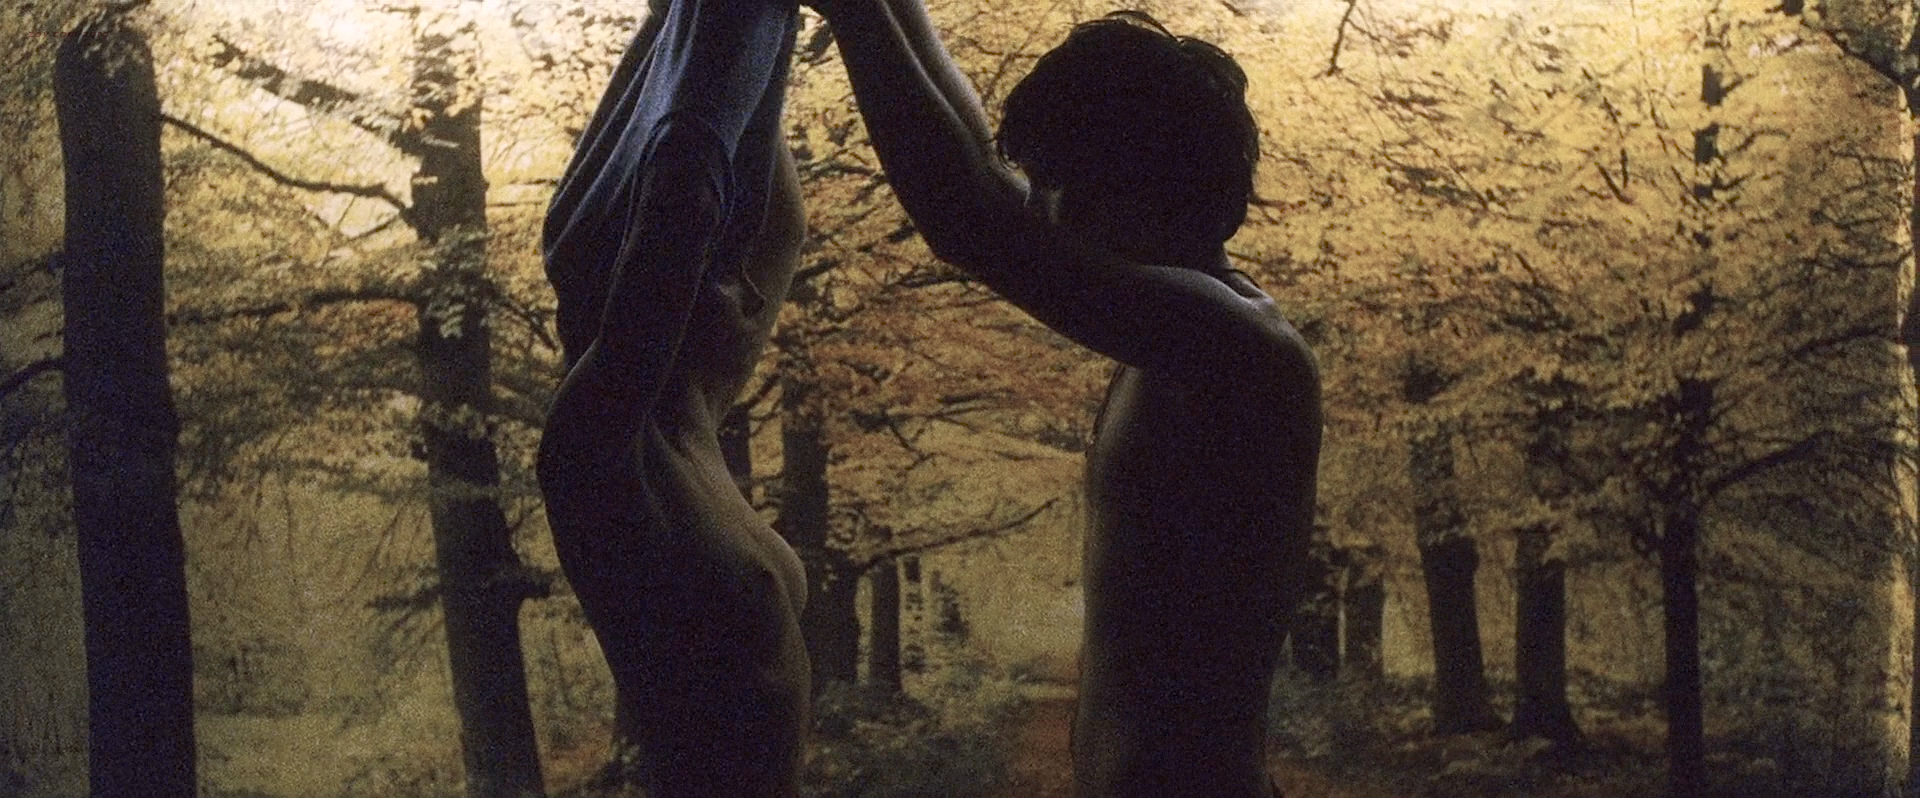 Jessica Biel nude topless ultra hot - Powder Blue (2009) HD 1080p BluRay (16)